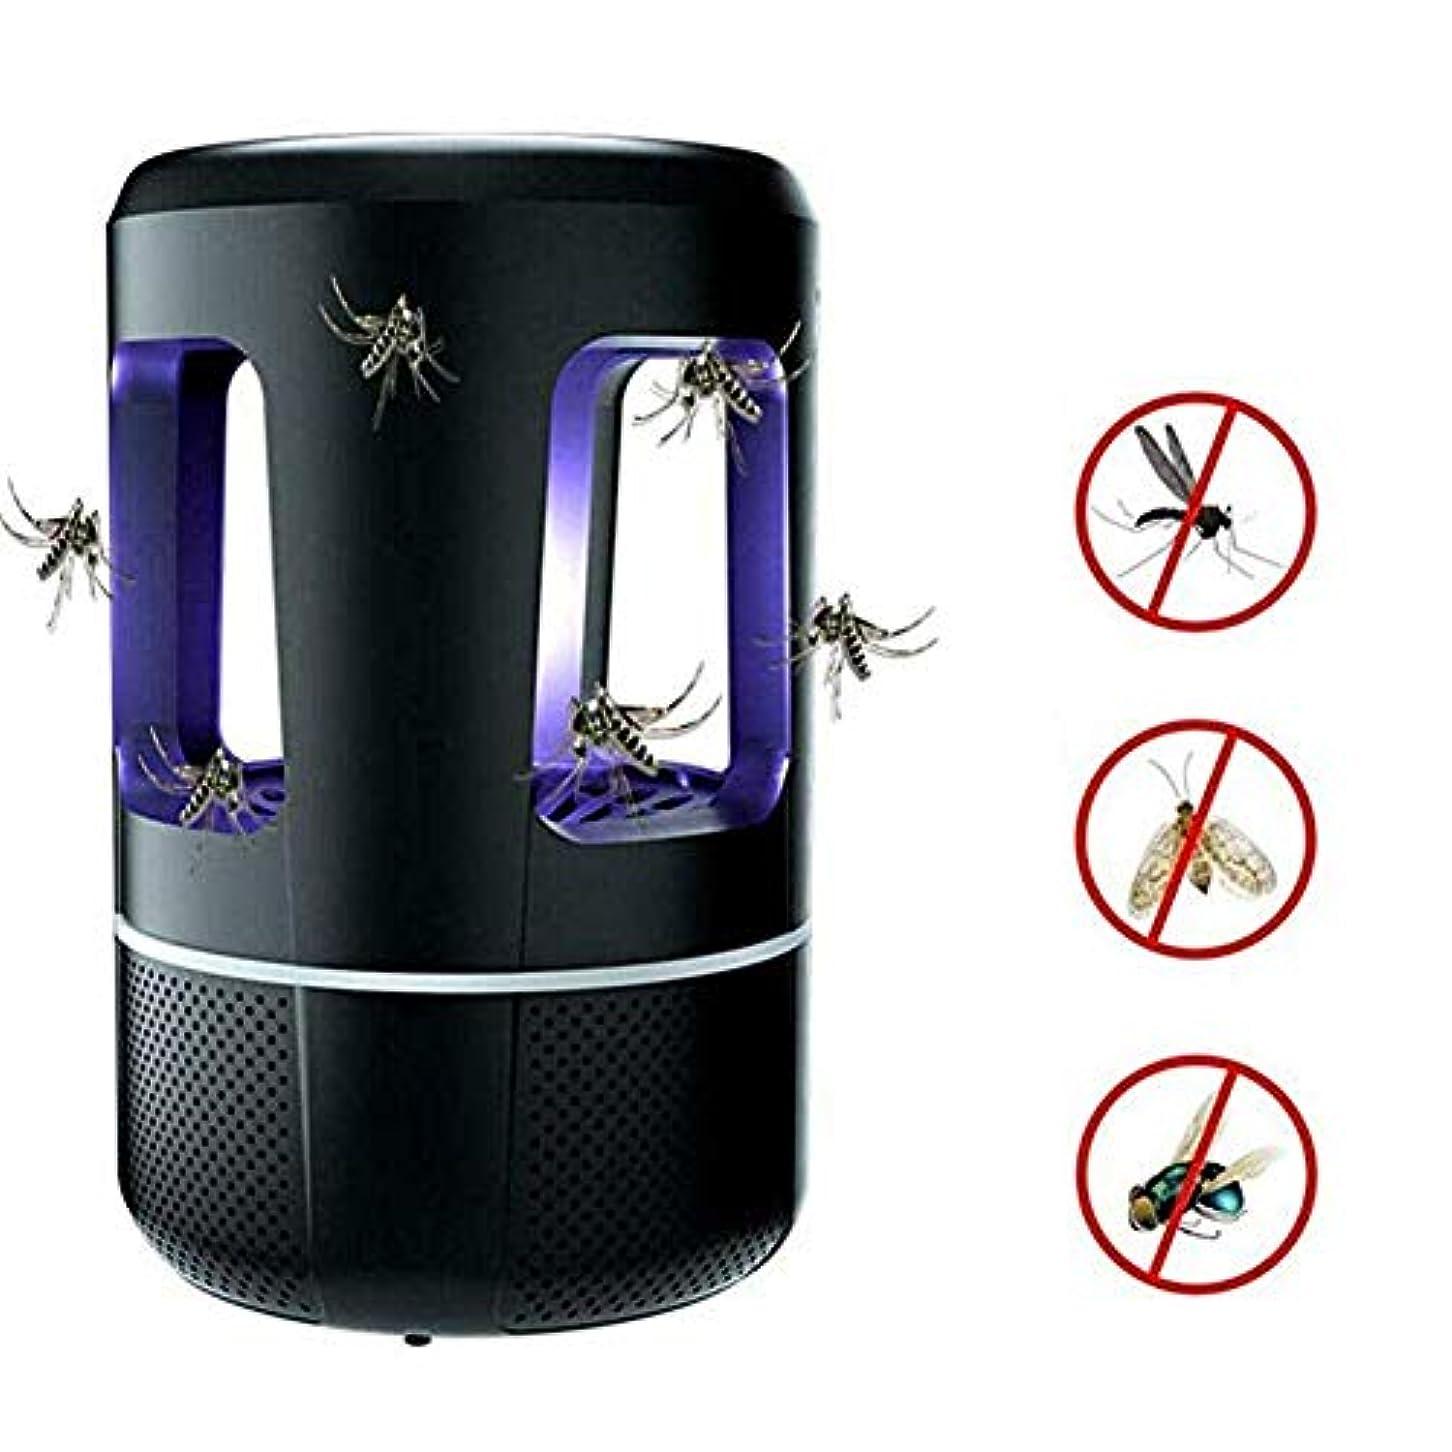 交換可能重量ソーセージ蚊キラーランプ昆虫フライングトラップトラップ害虫USB LED制御UVライトファミリーLEDバグ屋外トラップ無放射